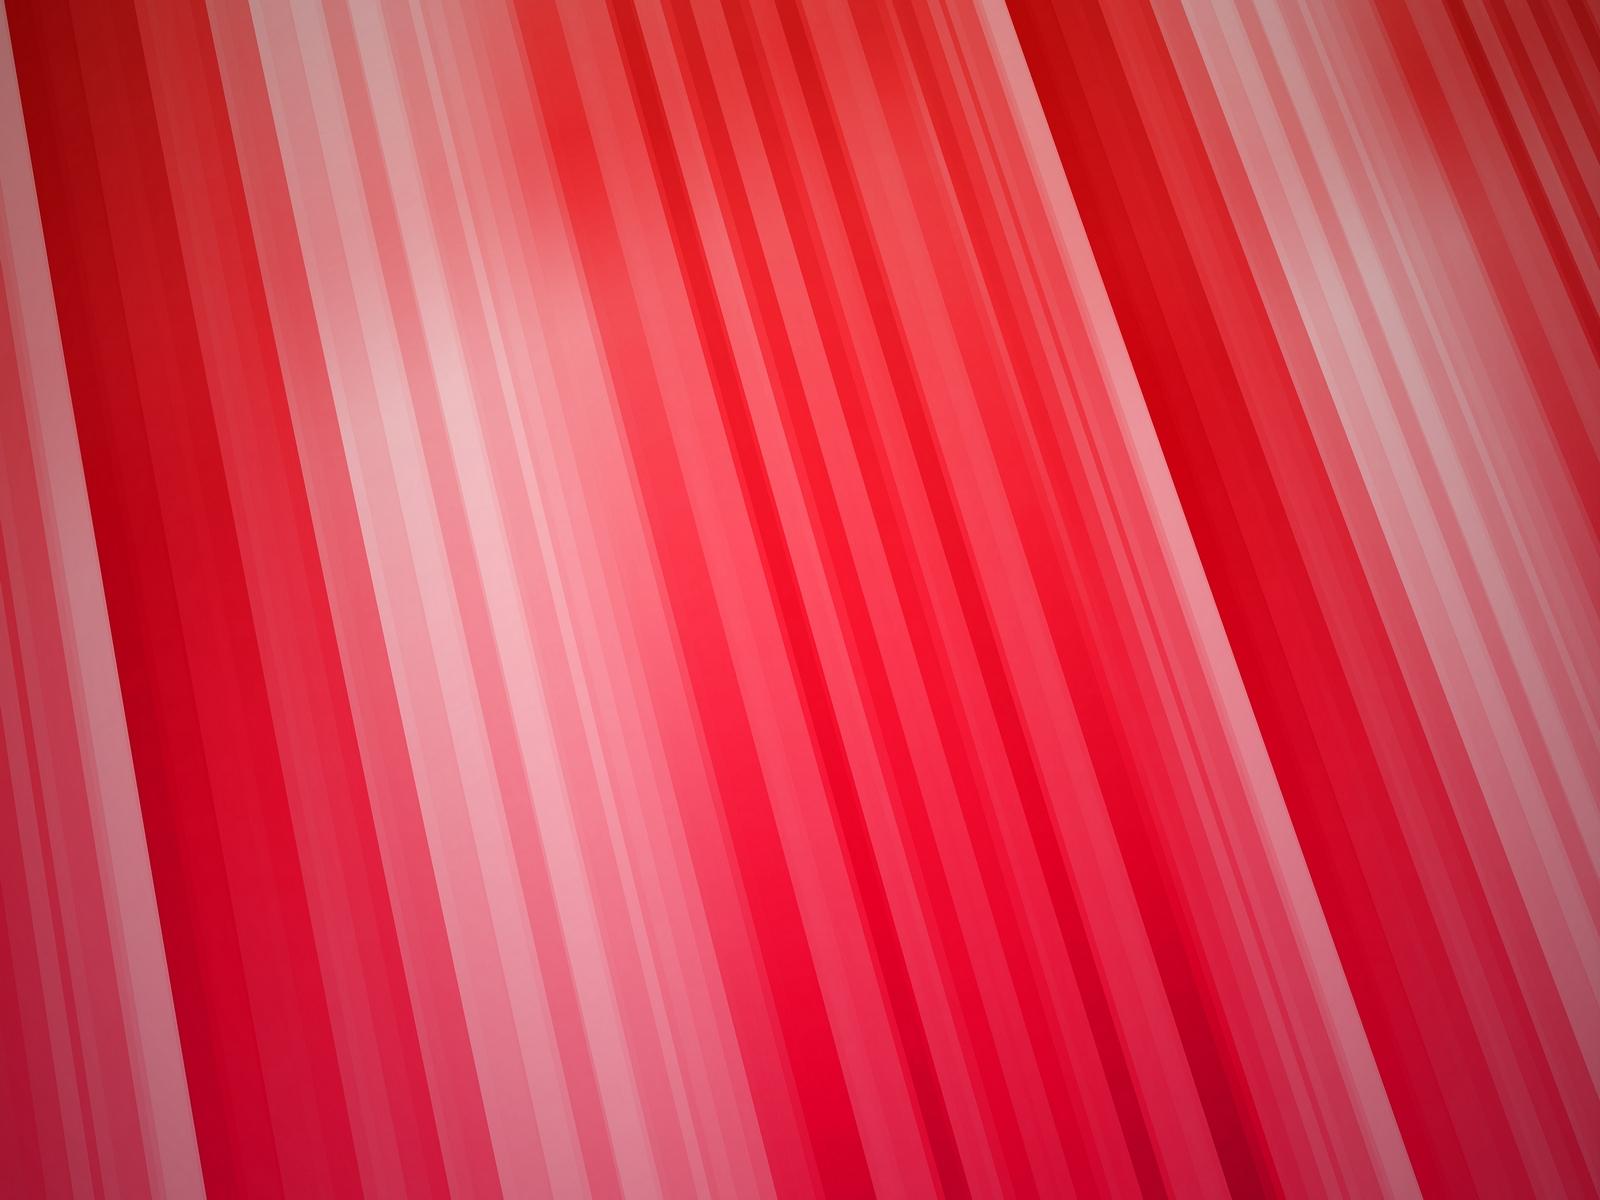 Red Wallpaper Red Wallpaper 23886868 Fanpop